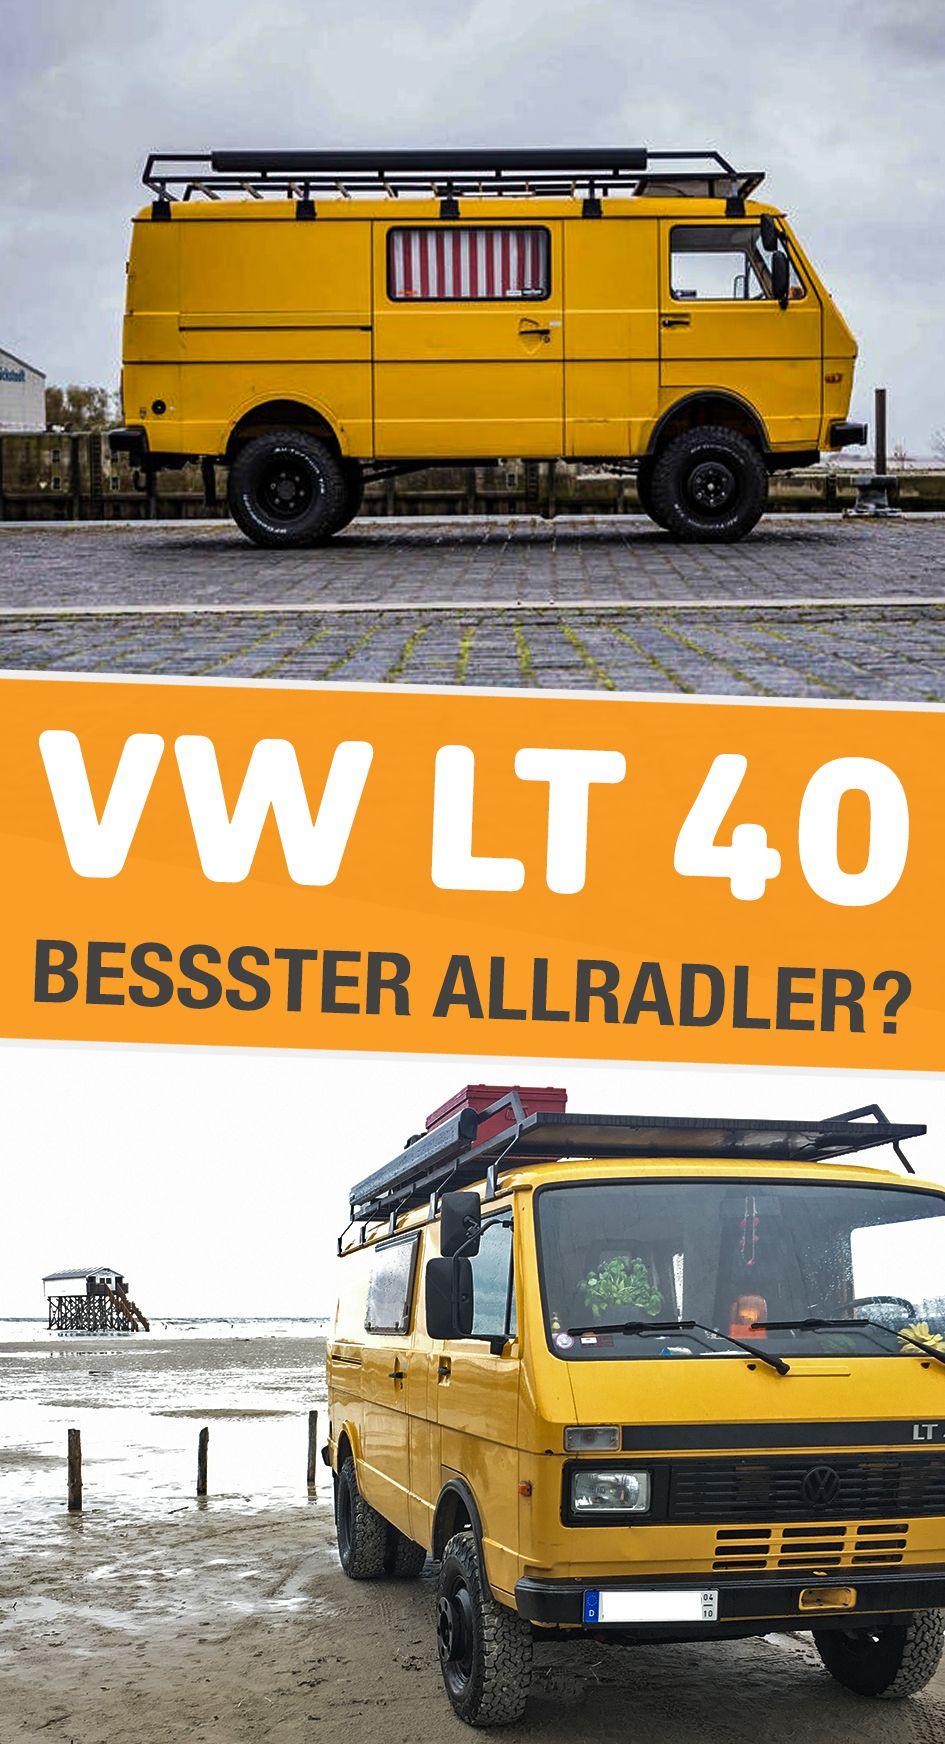 Vw Lt 40 Kein Allradfahrzeug Aber Viel Bodenfreiheit Vw Lt Vw Lt Camper Und Camper Kaufen